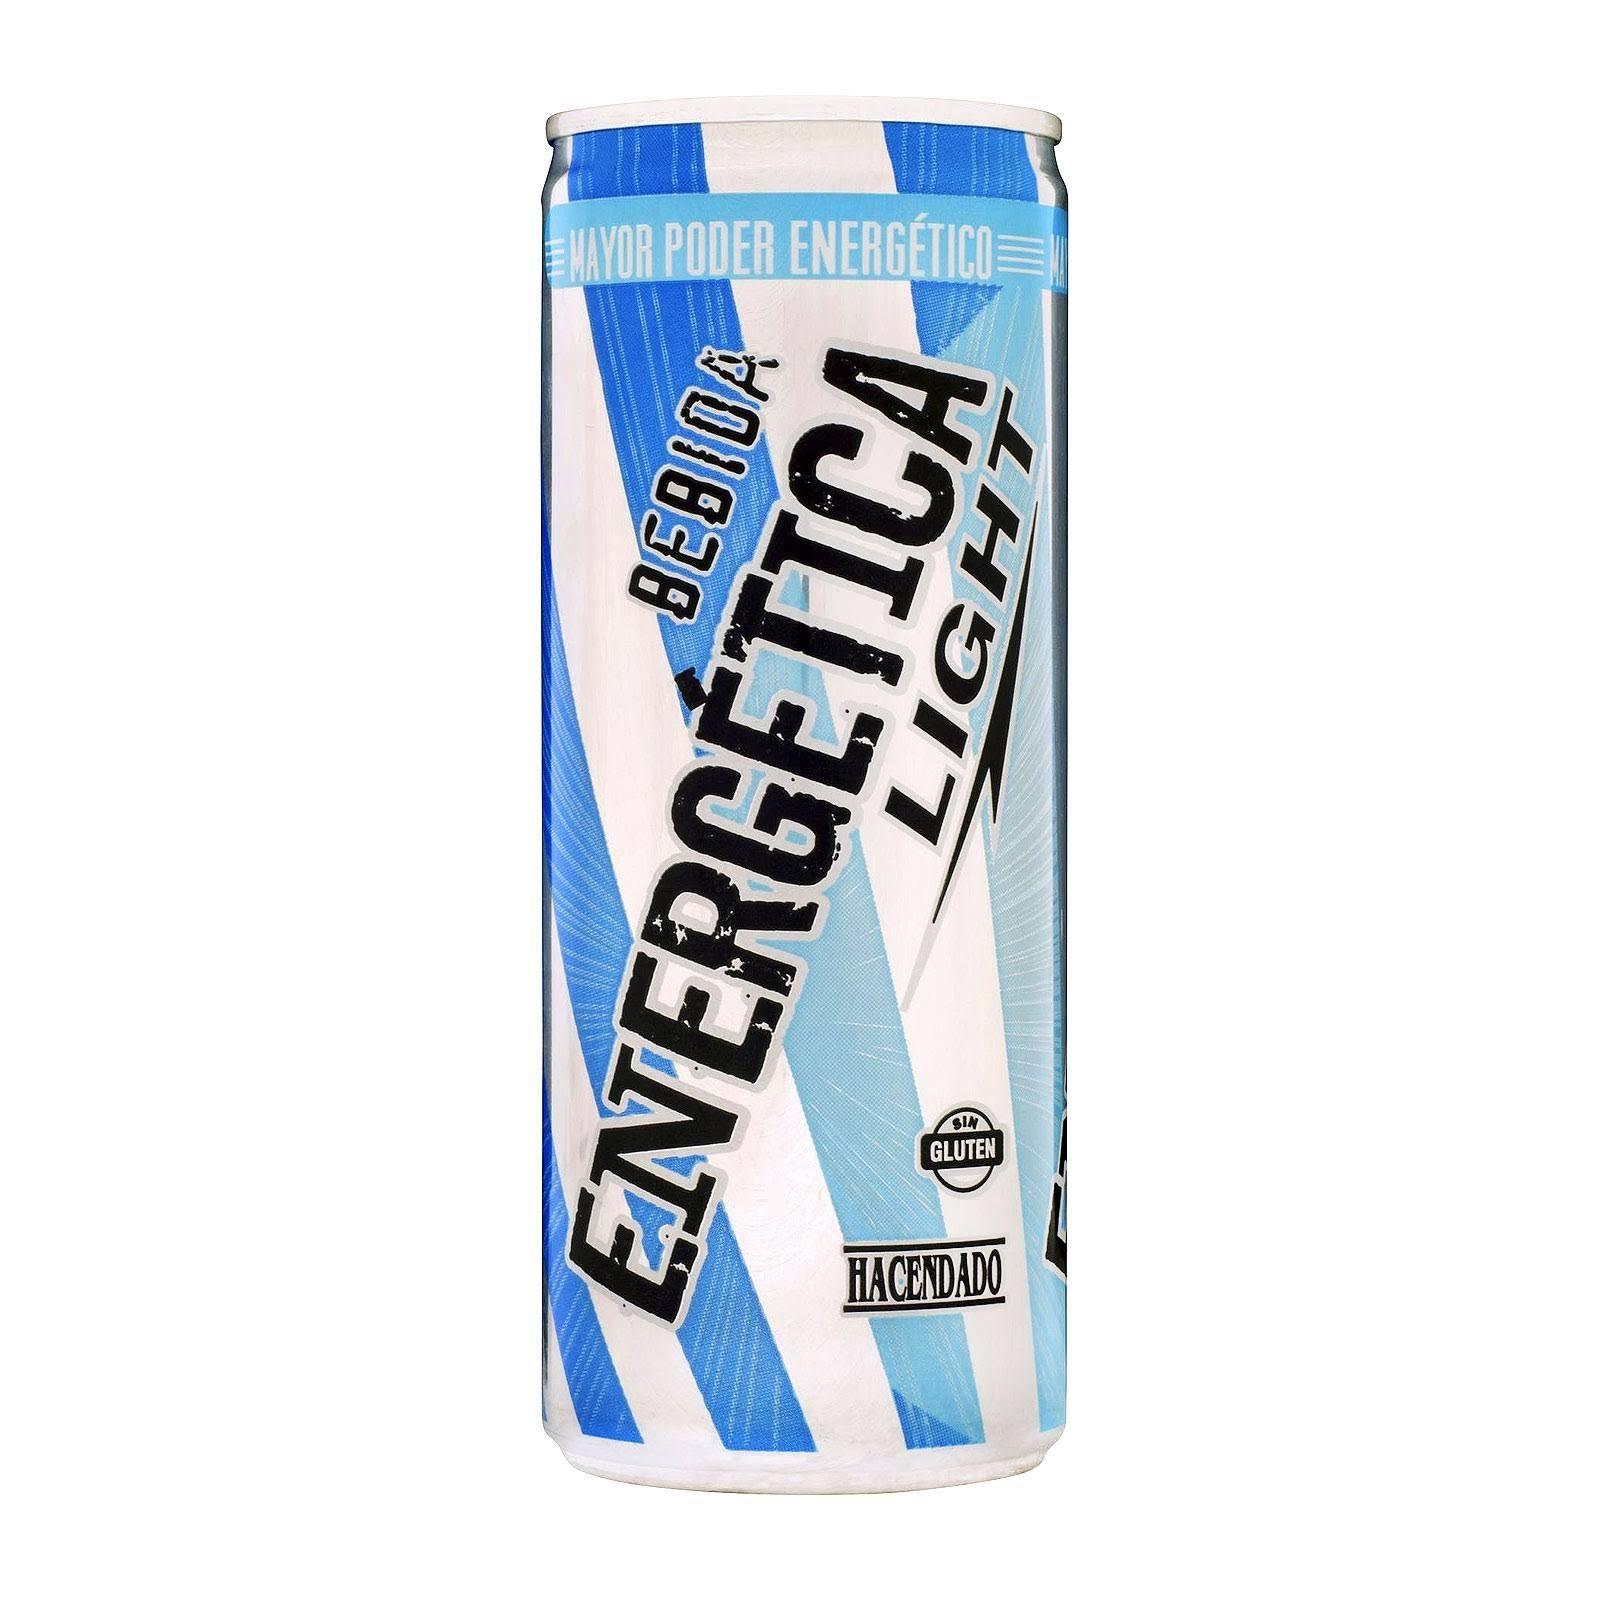 bebida-energetica-energy-drink-light-hacendado-mercadona-1-1263189